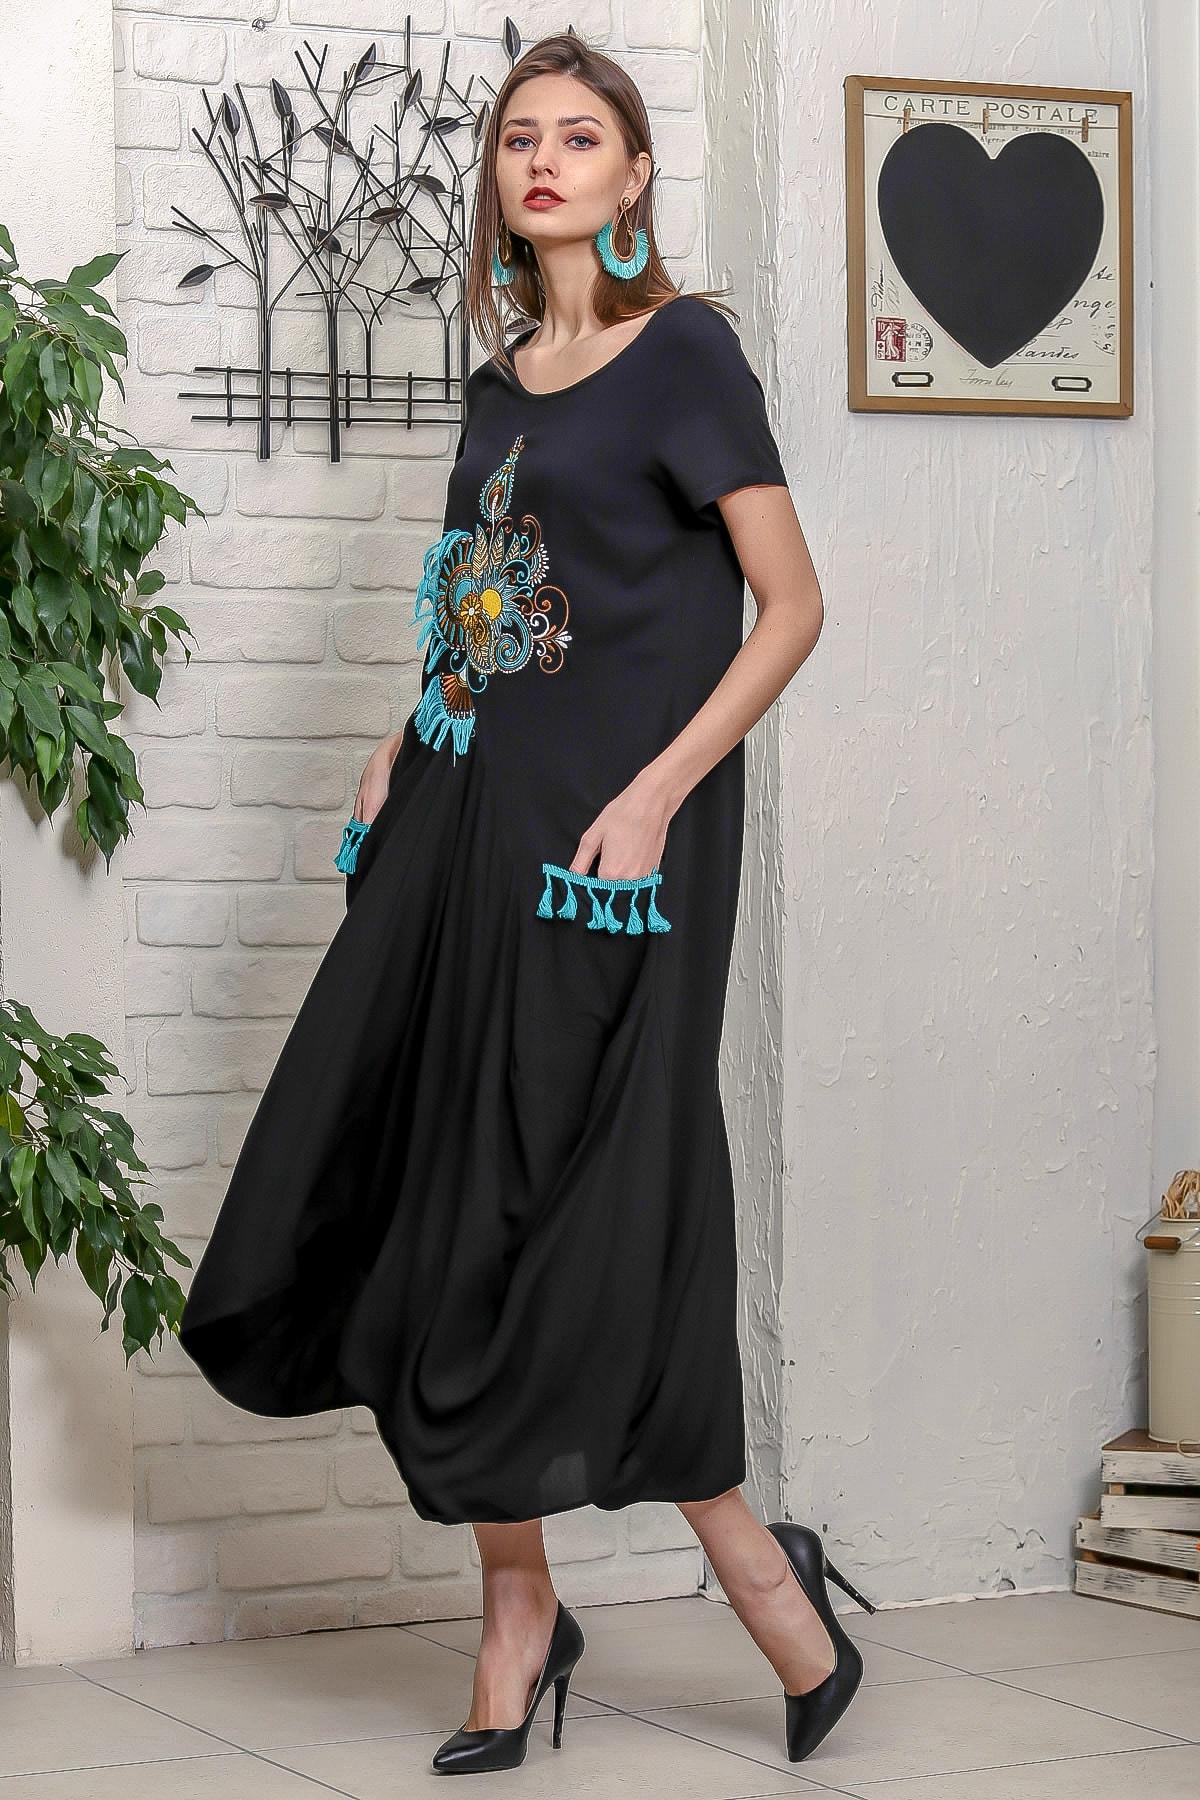 Chiccy Kadın Siyah Ottoman Yelpaze Nakışlı Cepleri Püsküllü Asimetrik Salaş Elbise 1